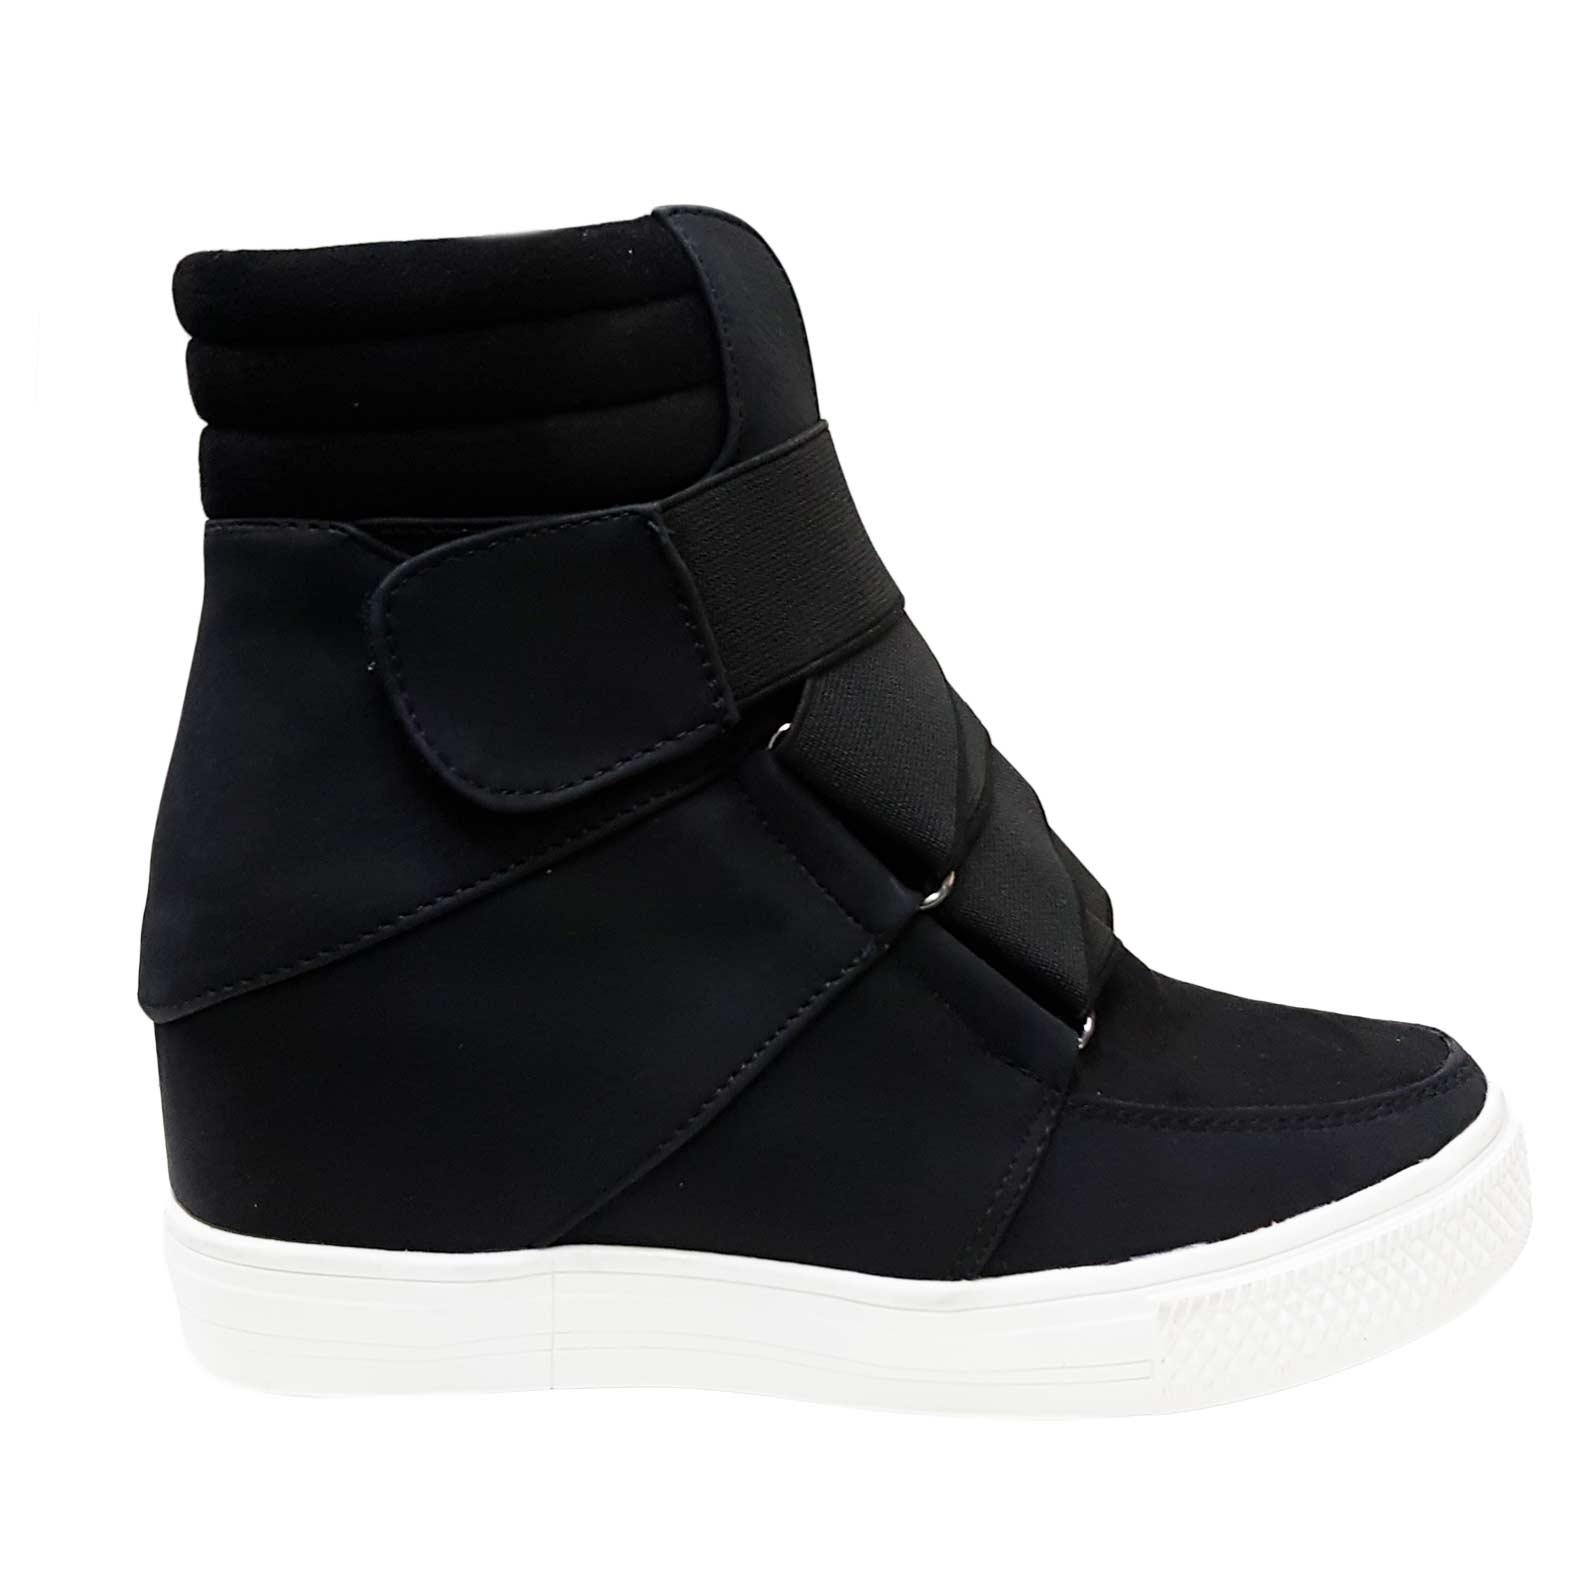 5659650f3a Sneakers alta donna art 4568 nero rialzo interno strappo moda tendenza  comfort donna sneakers alta Malu Shoes | MaluShoes